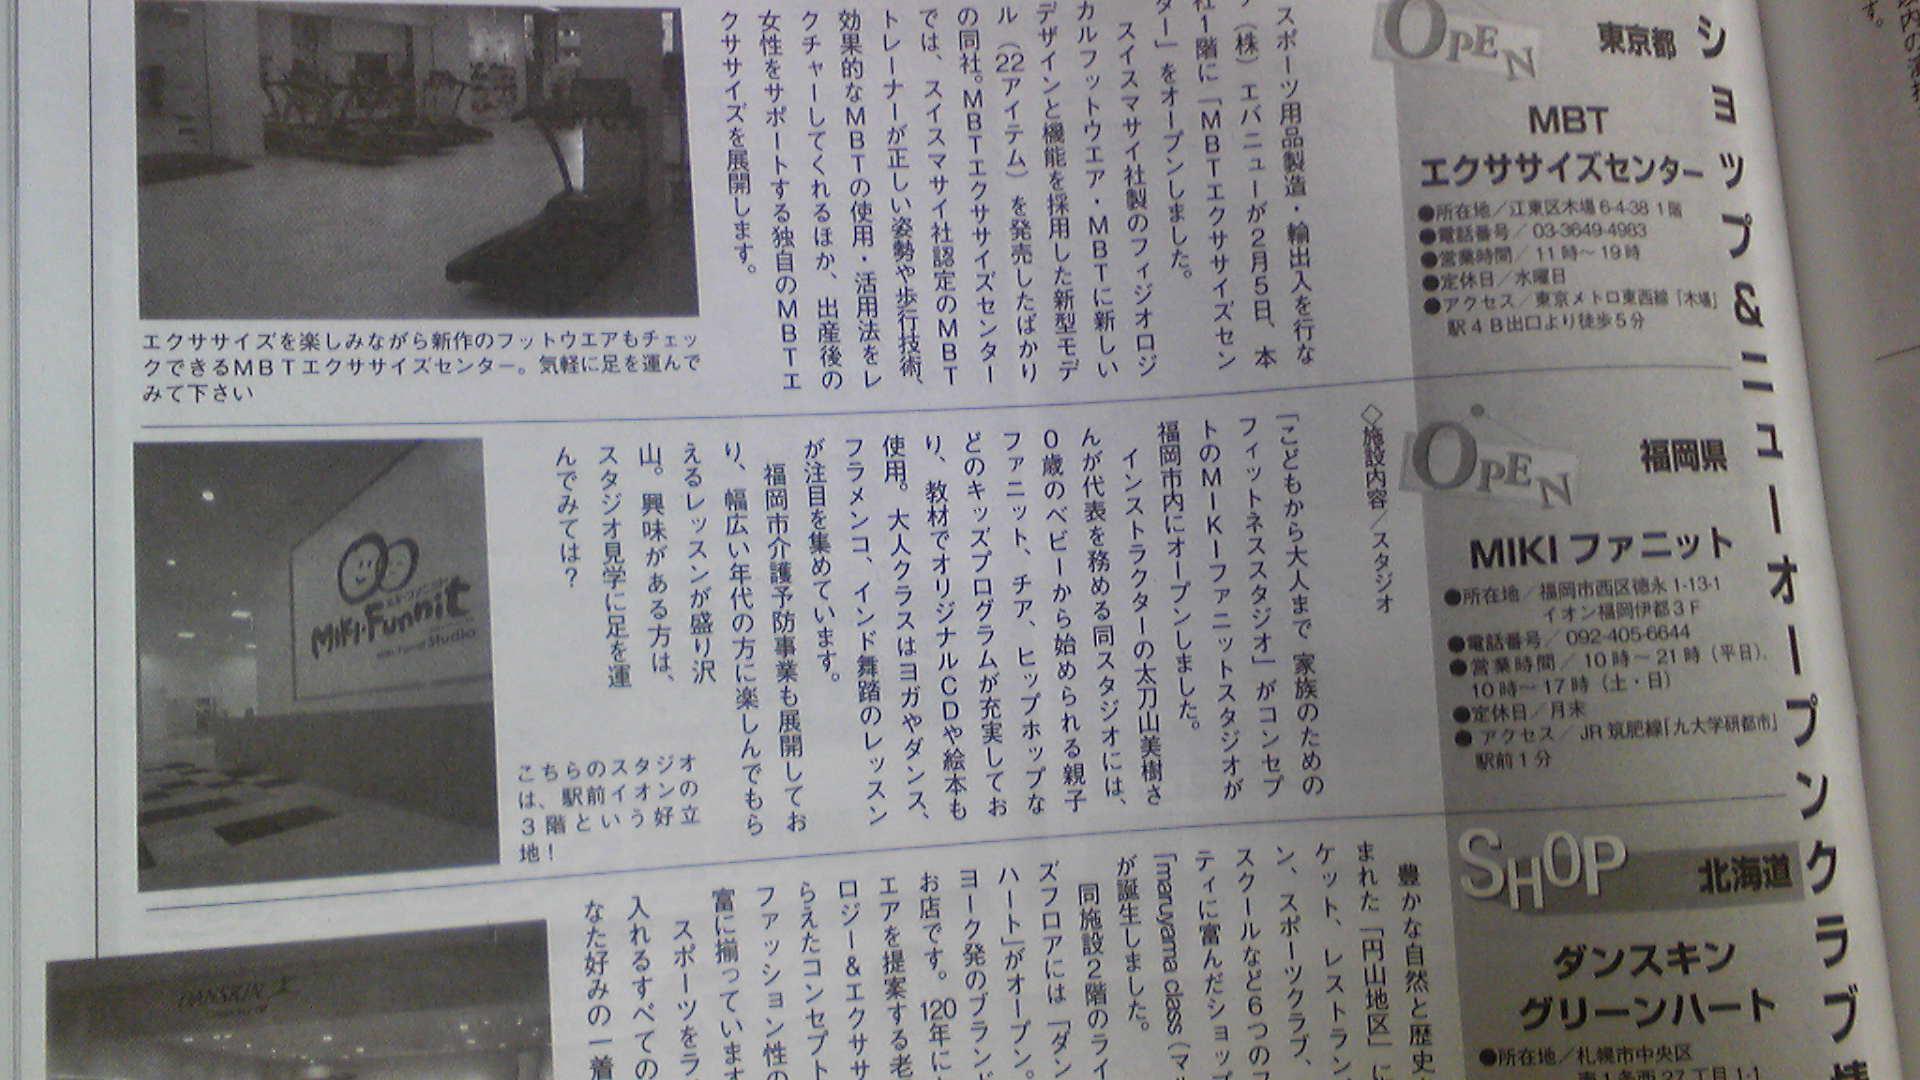 全国誌フィットネス雑誌FJに紹介されました